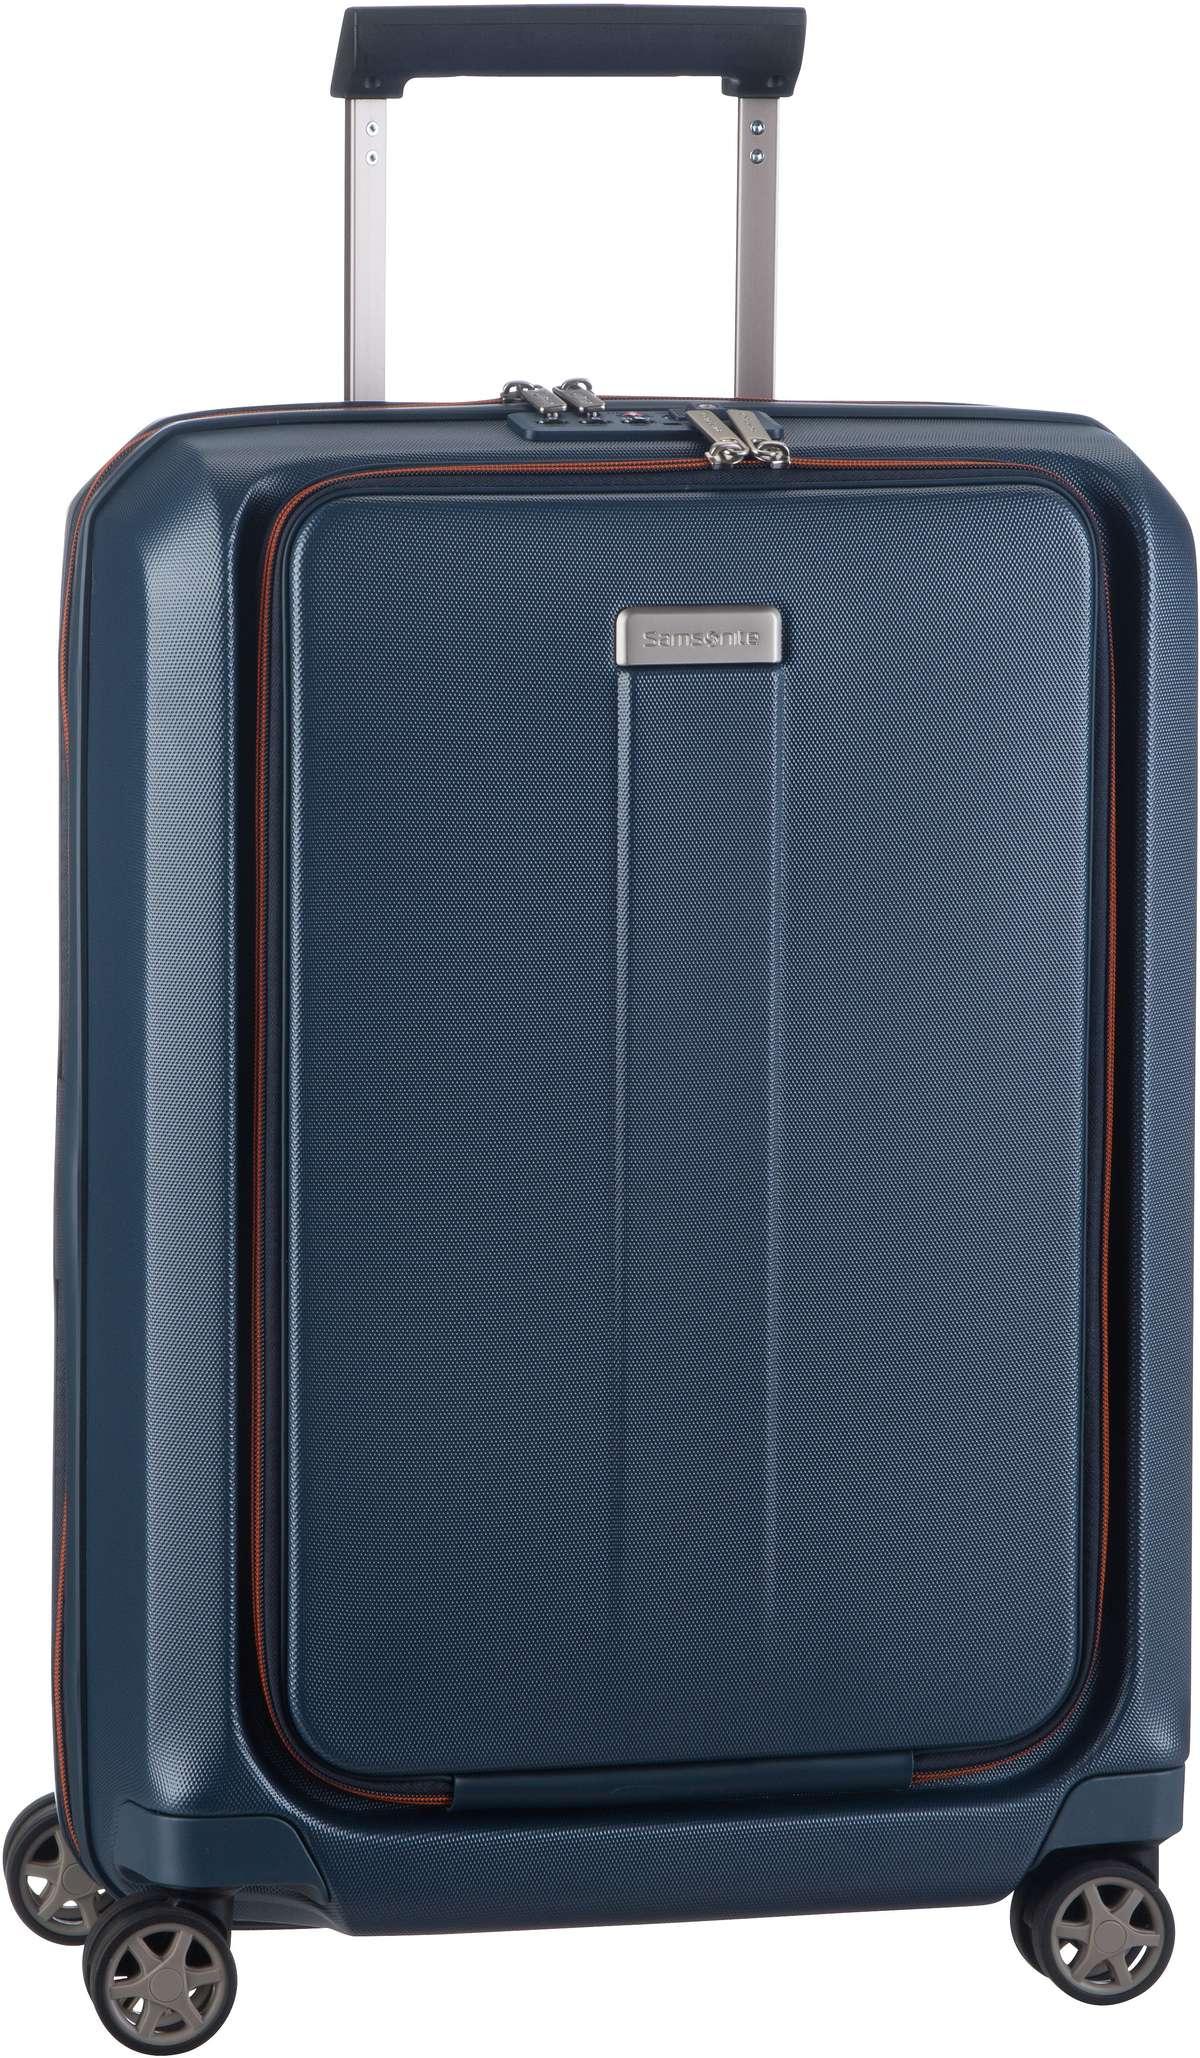 Reisegepaeck für Frauen - Samsonite Trolley Koffer Prodigy Spinner 55 Expandable Blue Orange (40 Liter)  - Onlineshop Taschenkaufhaus